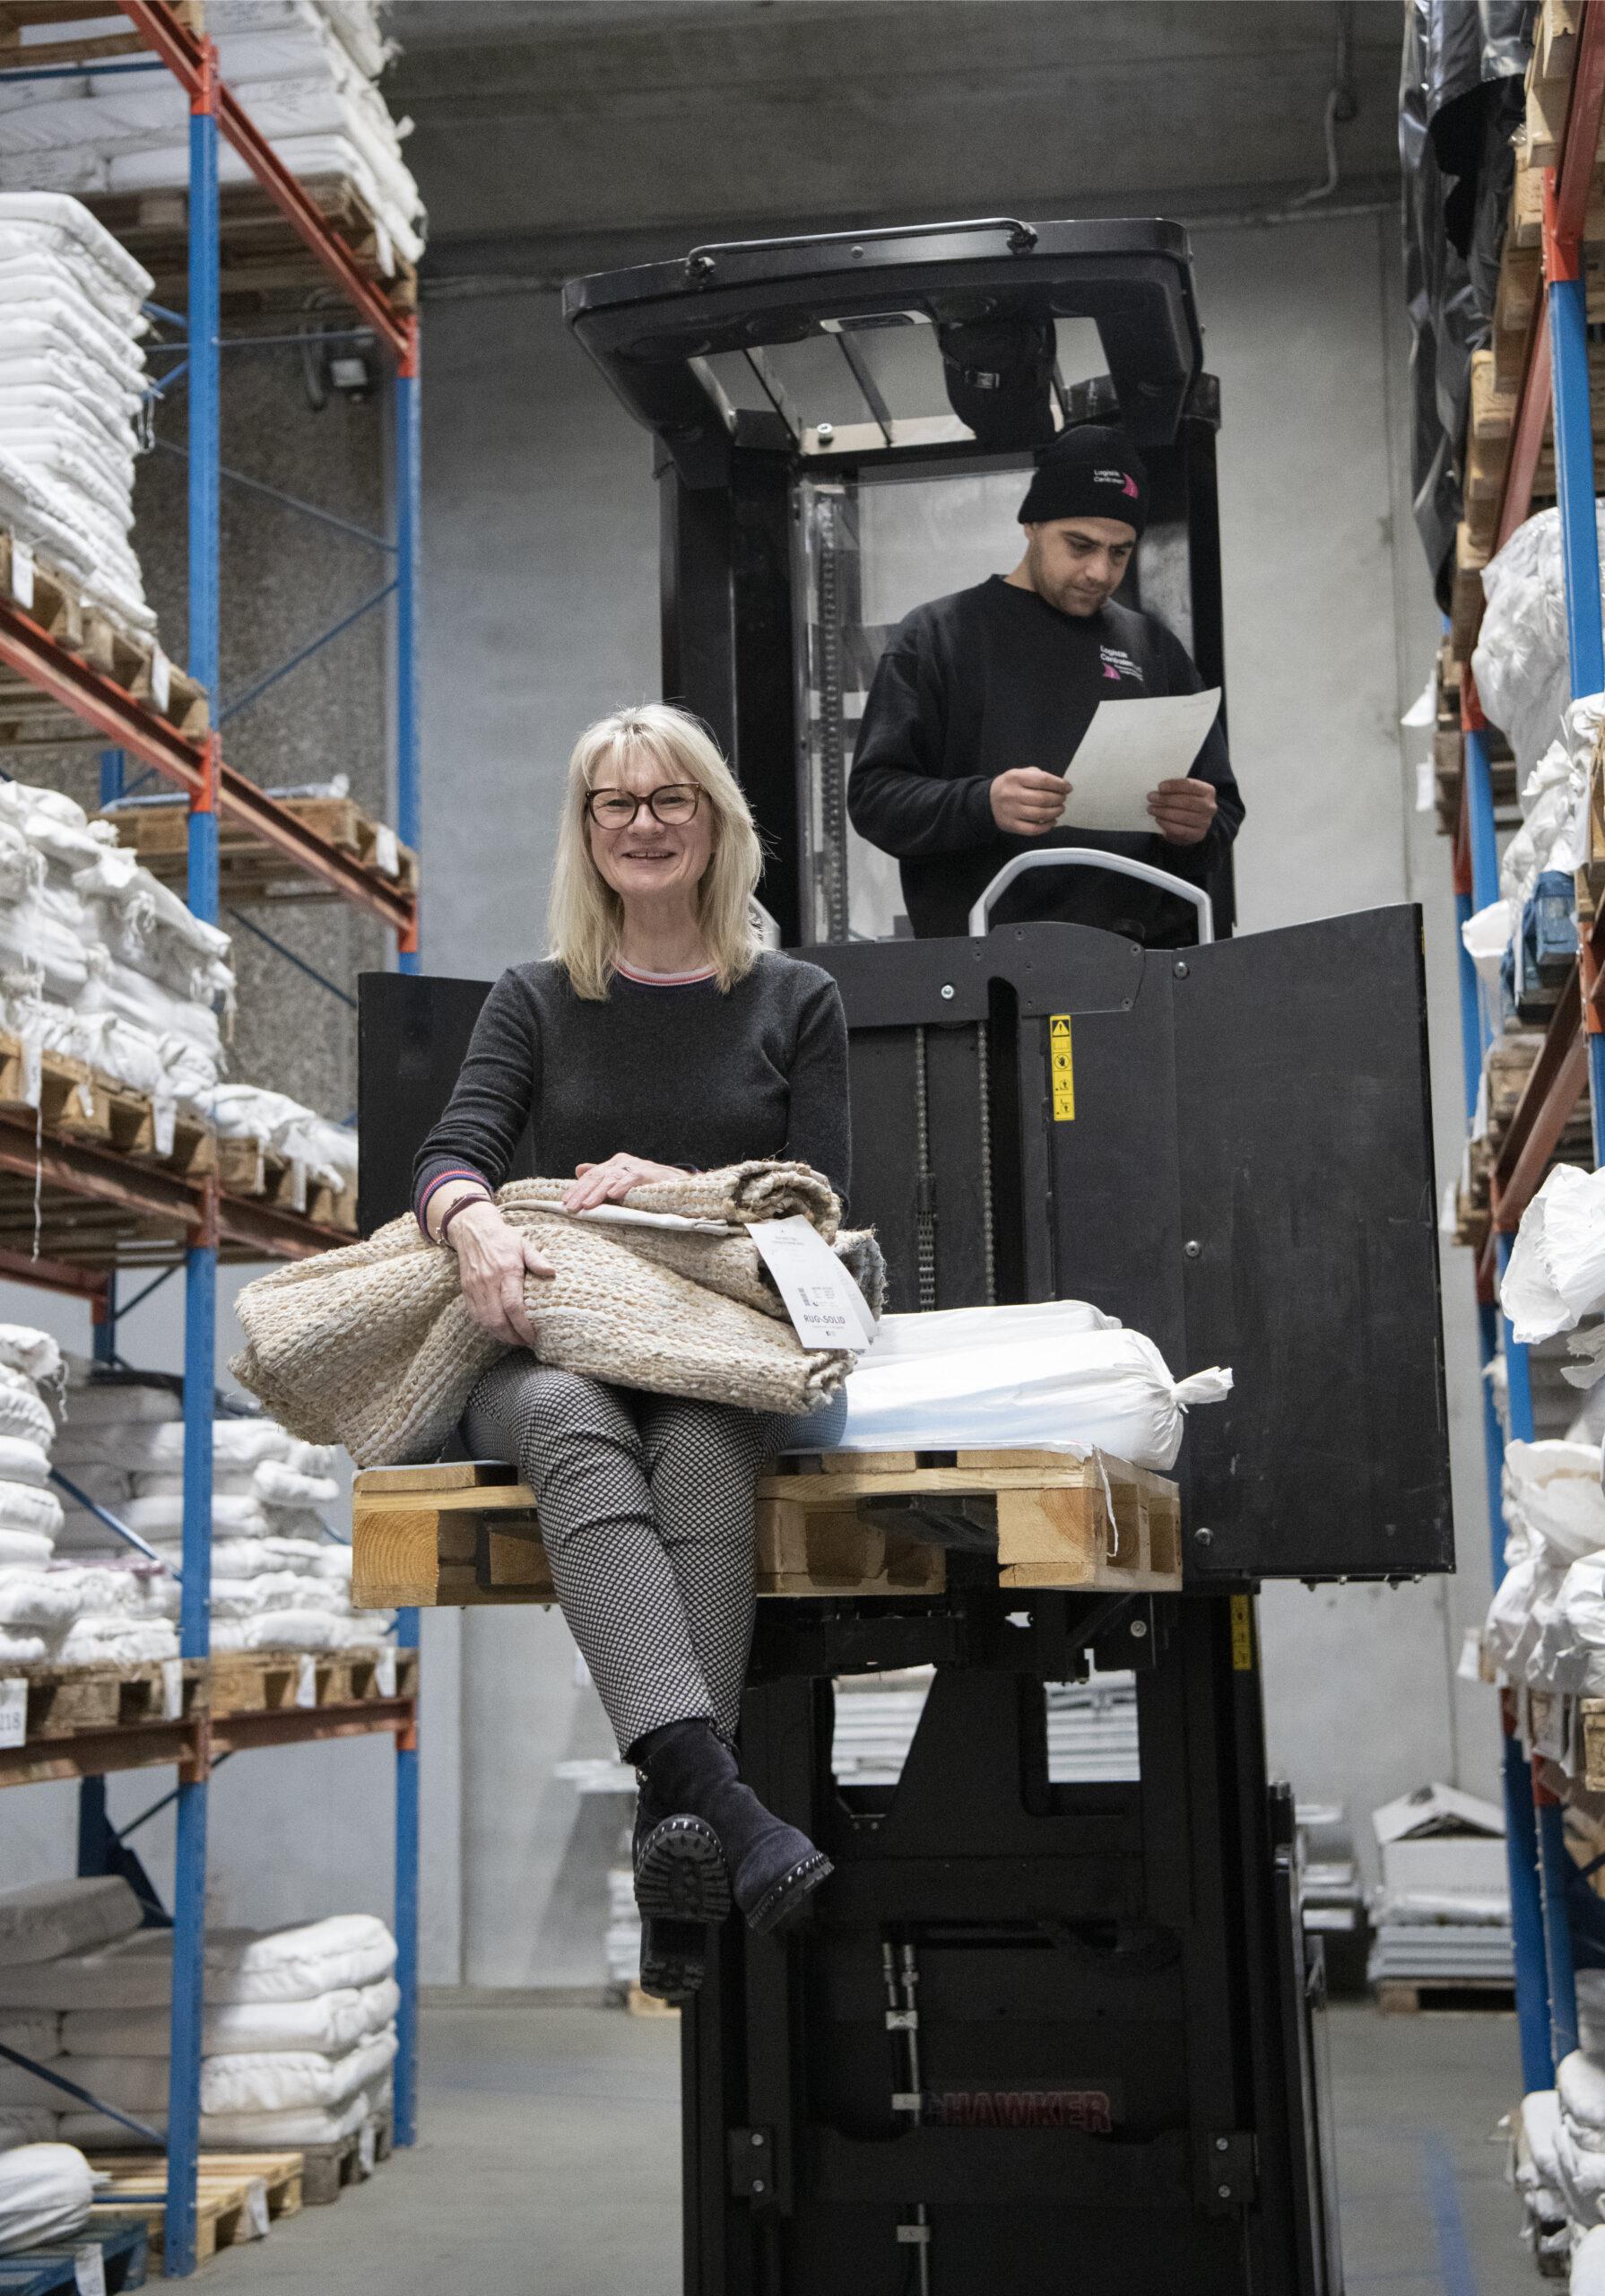 Tina Stuntman driver tæppevirksomheden Rug Solid, der blandt andet laver tæpper af plastrester og genbrugsmaterialer.